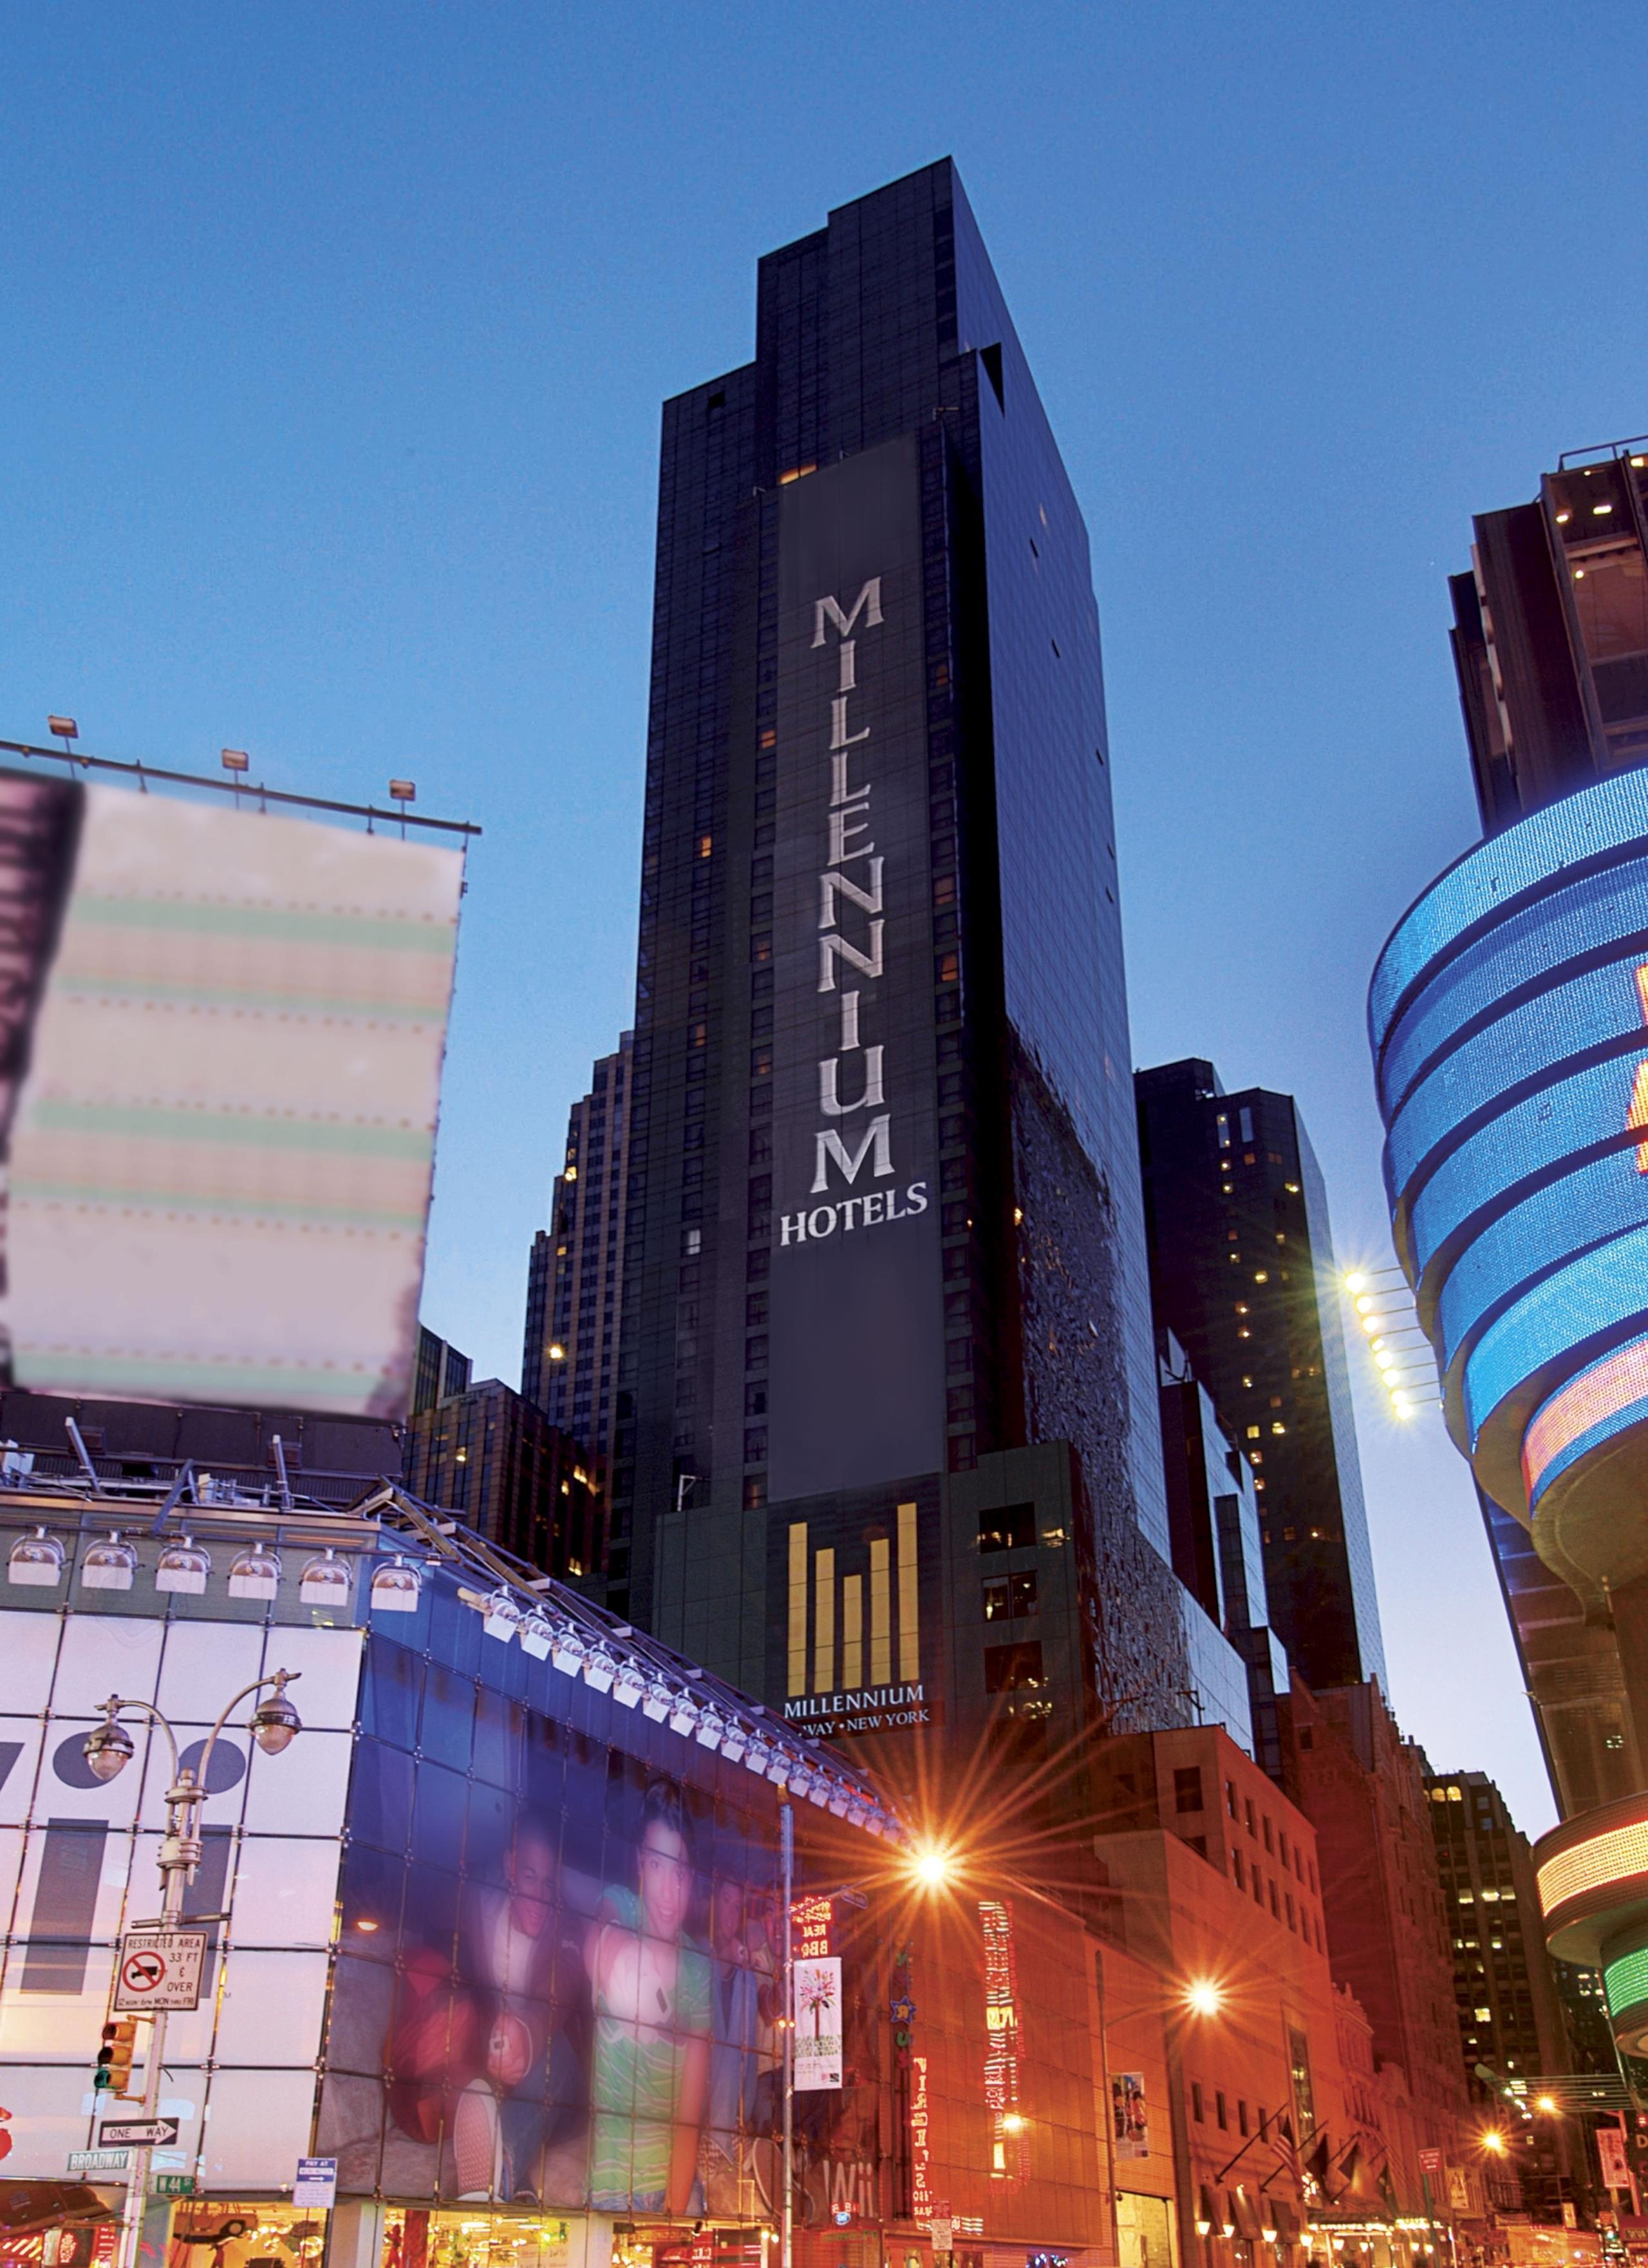 Millennium Broadway - Canada | Canadian Affair